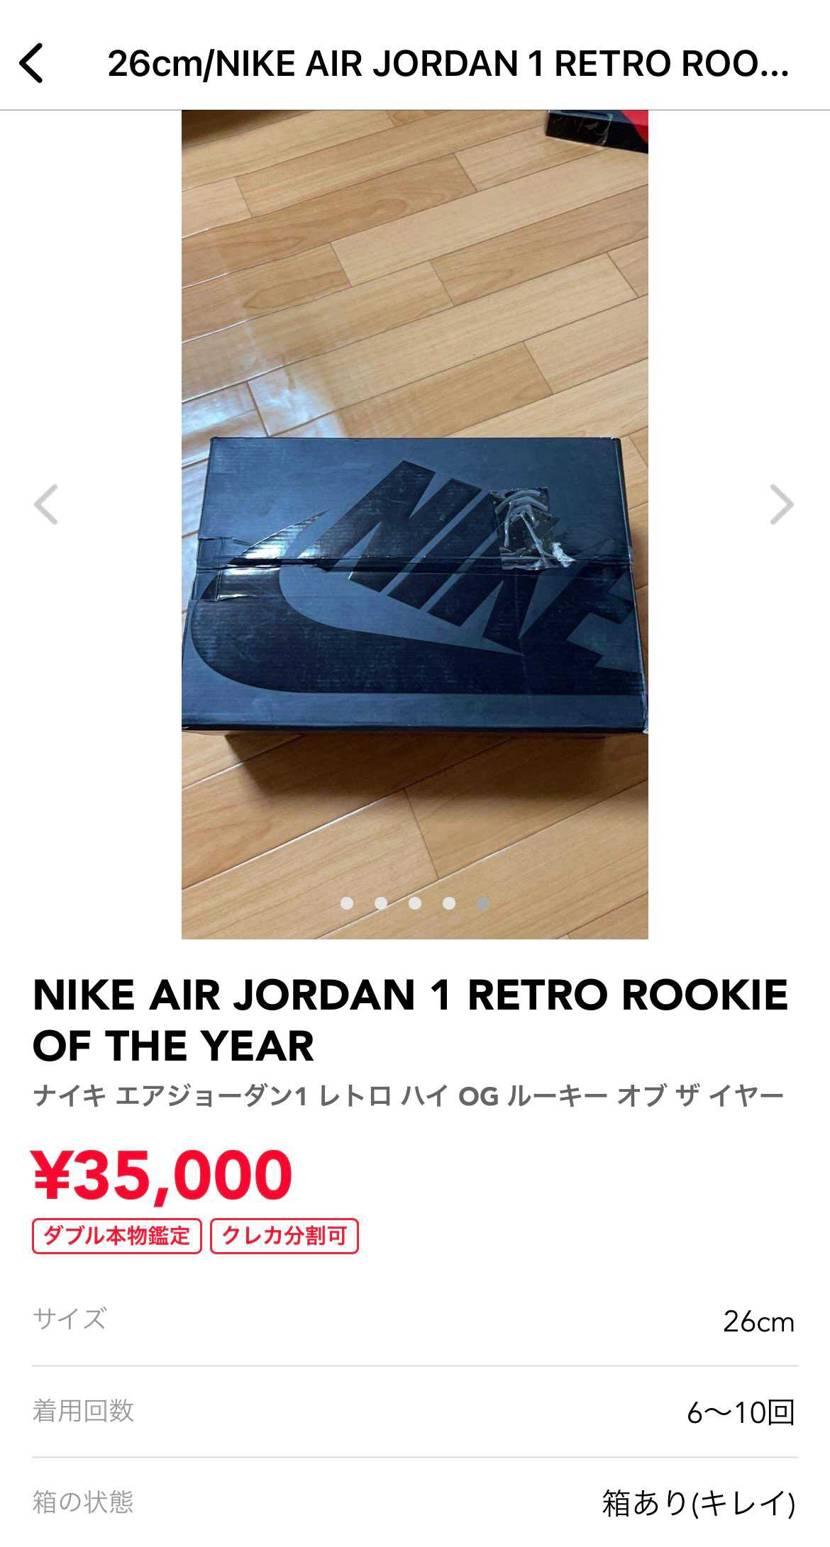 安いなーと思ったらAJ1でこの箱はあり得るんですか? 箱有りになってるのはどう